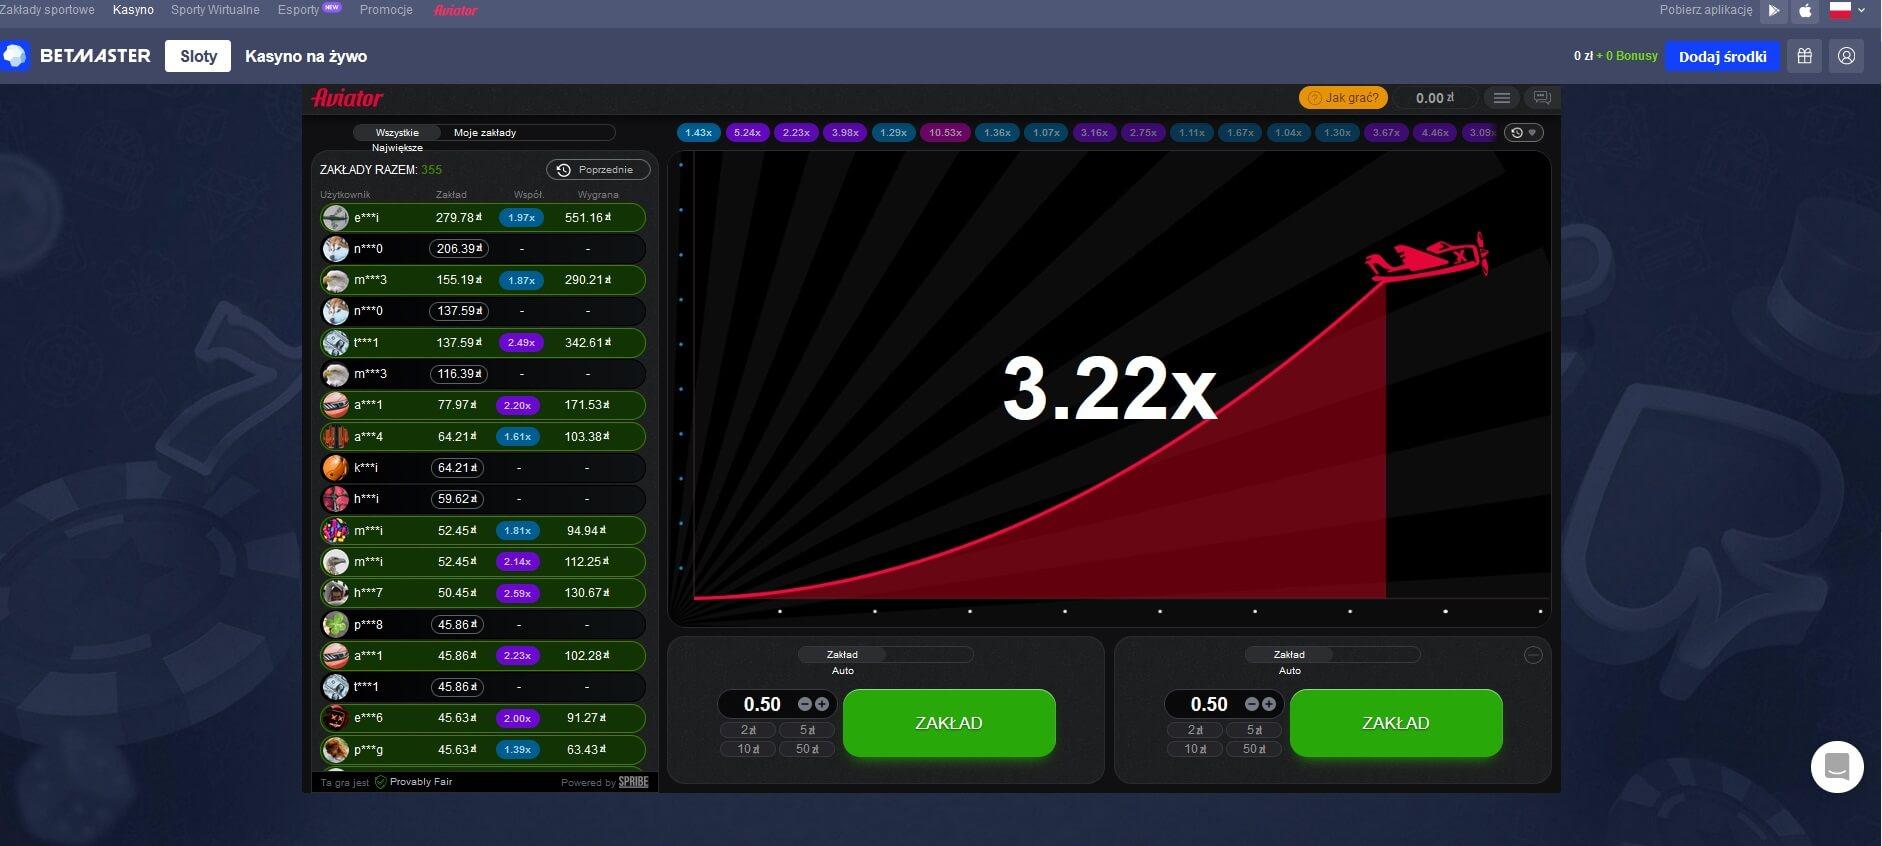 betmaster casino gra aviator screenshot